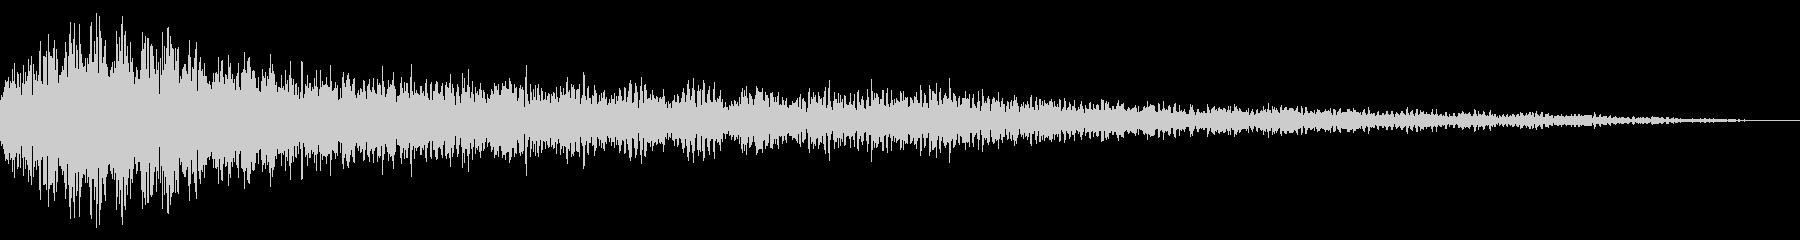 ガーンガーン ホラーなピアノ 怖い音の未再生の波形